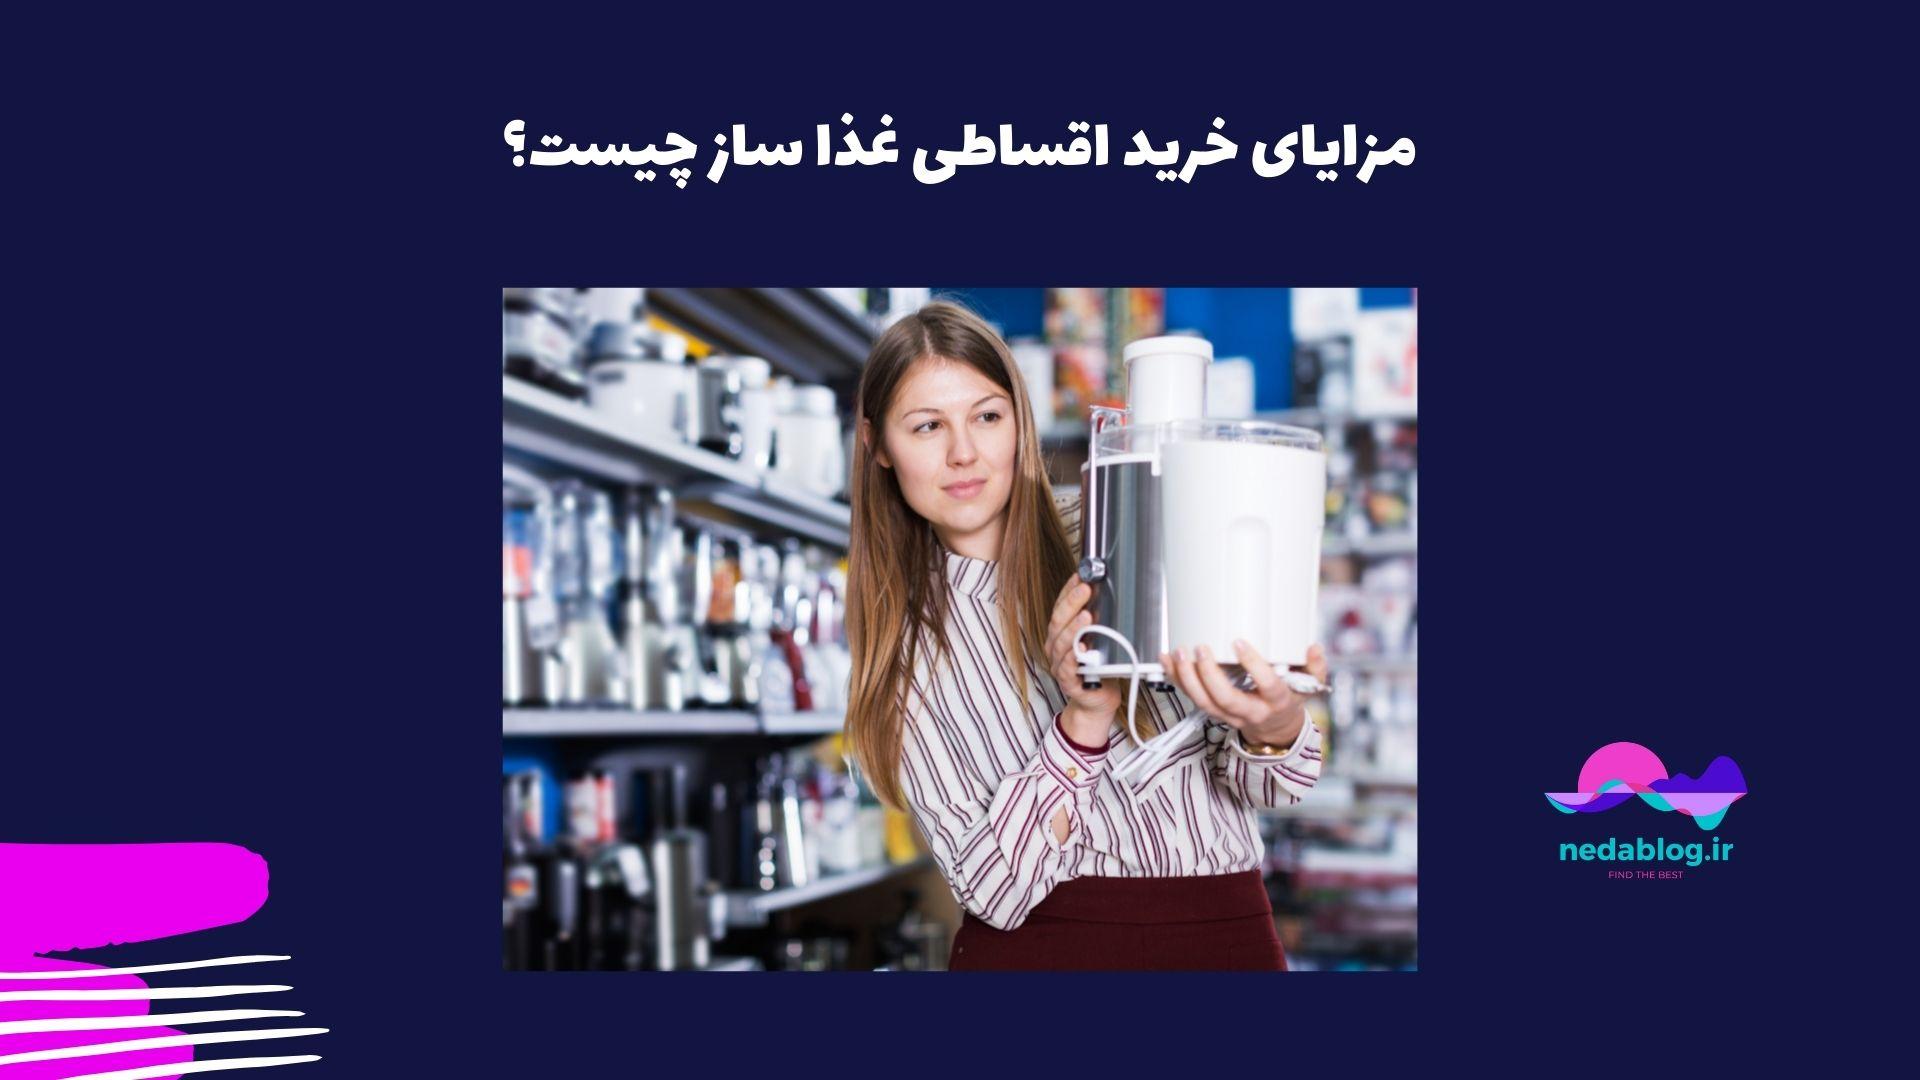 مزایای خرید اقساطی غذا ساز چیست؟